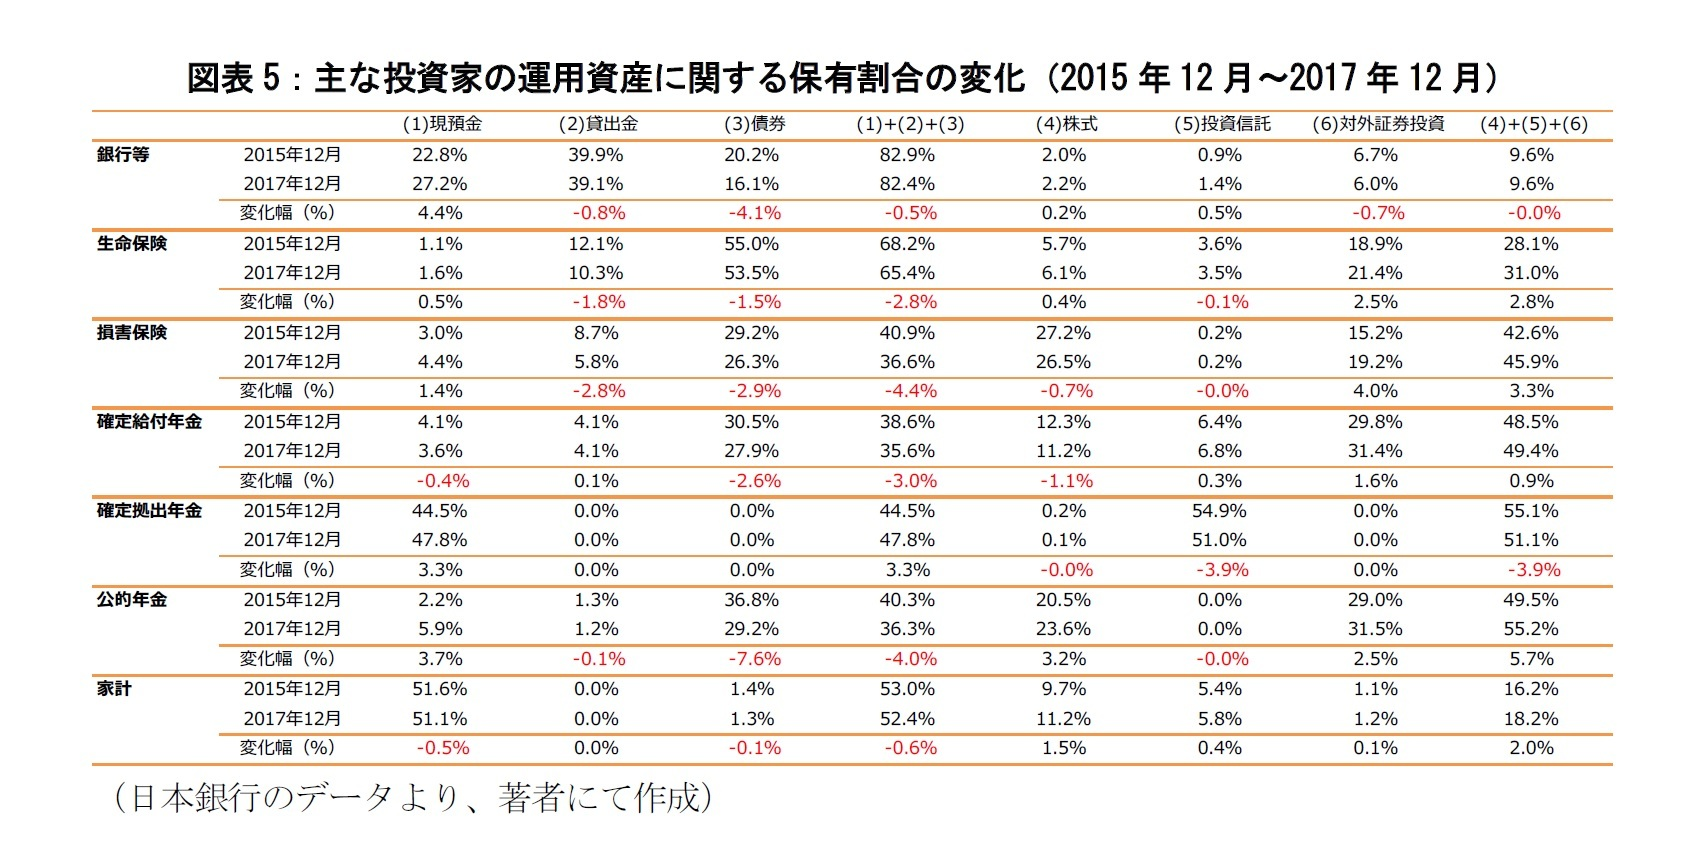 図表5:主な投資家の運用資産に関する保有割合の変化(2015年12月~2017年12月)